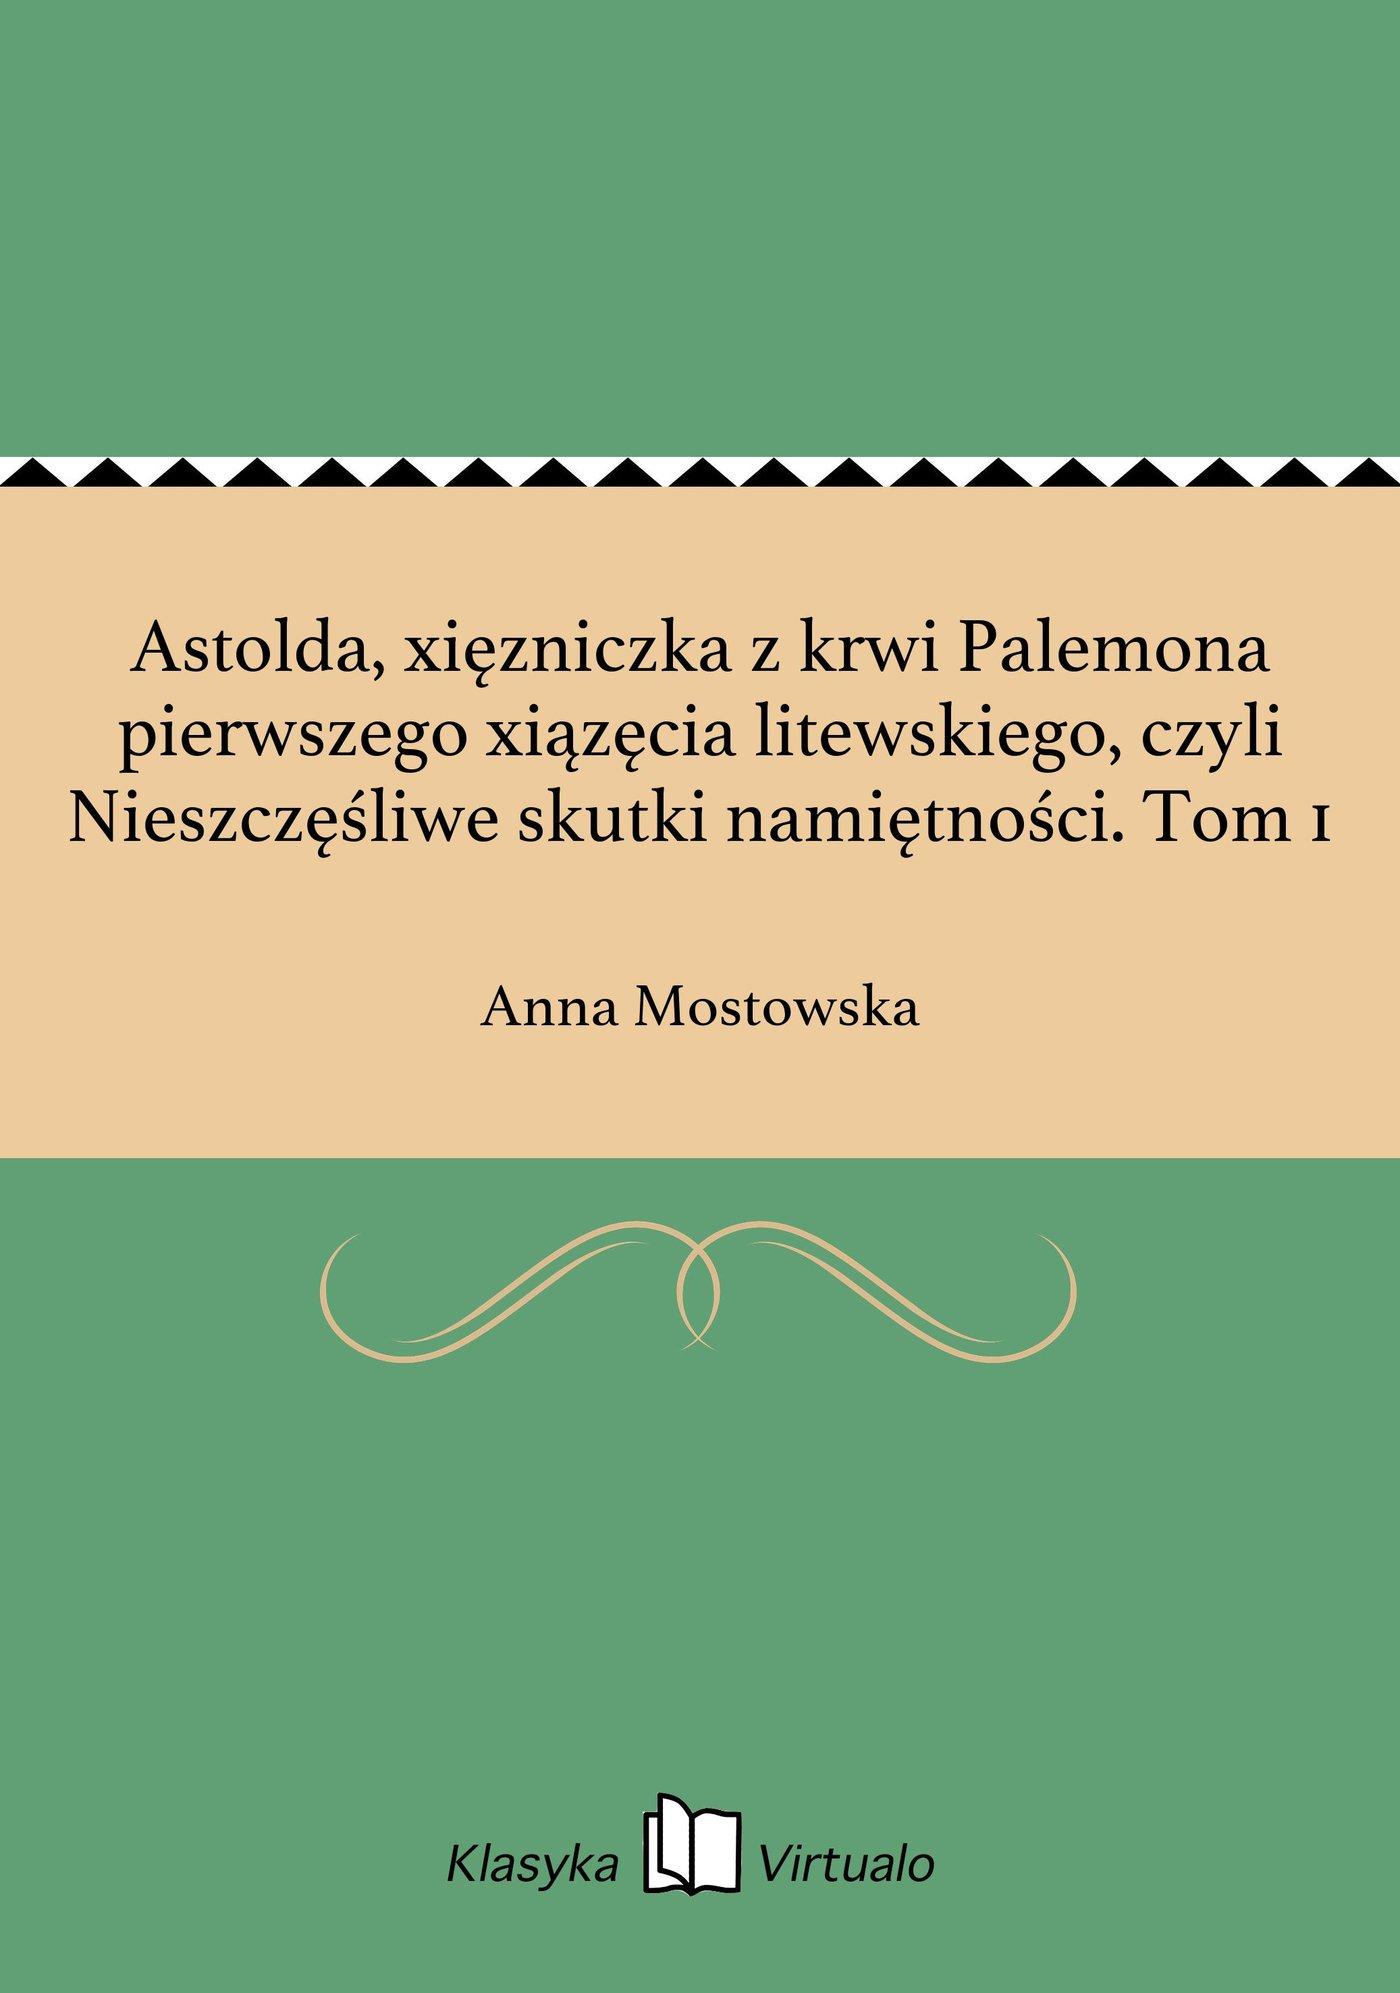 Astolda, xięzniczka z krwi Palemona pierwszego xiązęcia litewskiego, czyli Nieszczęśliwe skutki namiętności. Tom 1 - Ebook (Książka EPUB) do pobrania w formacie EPUB